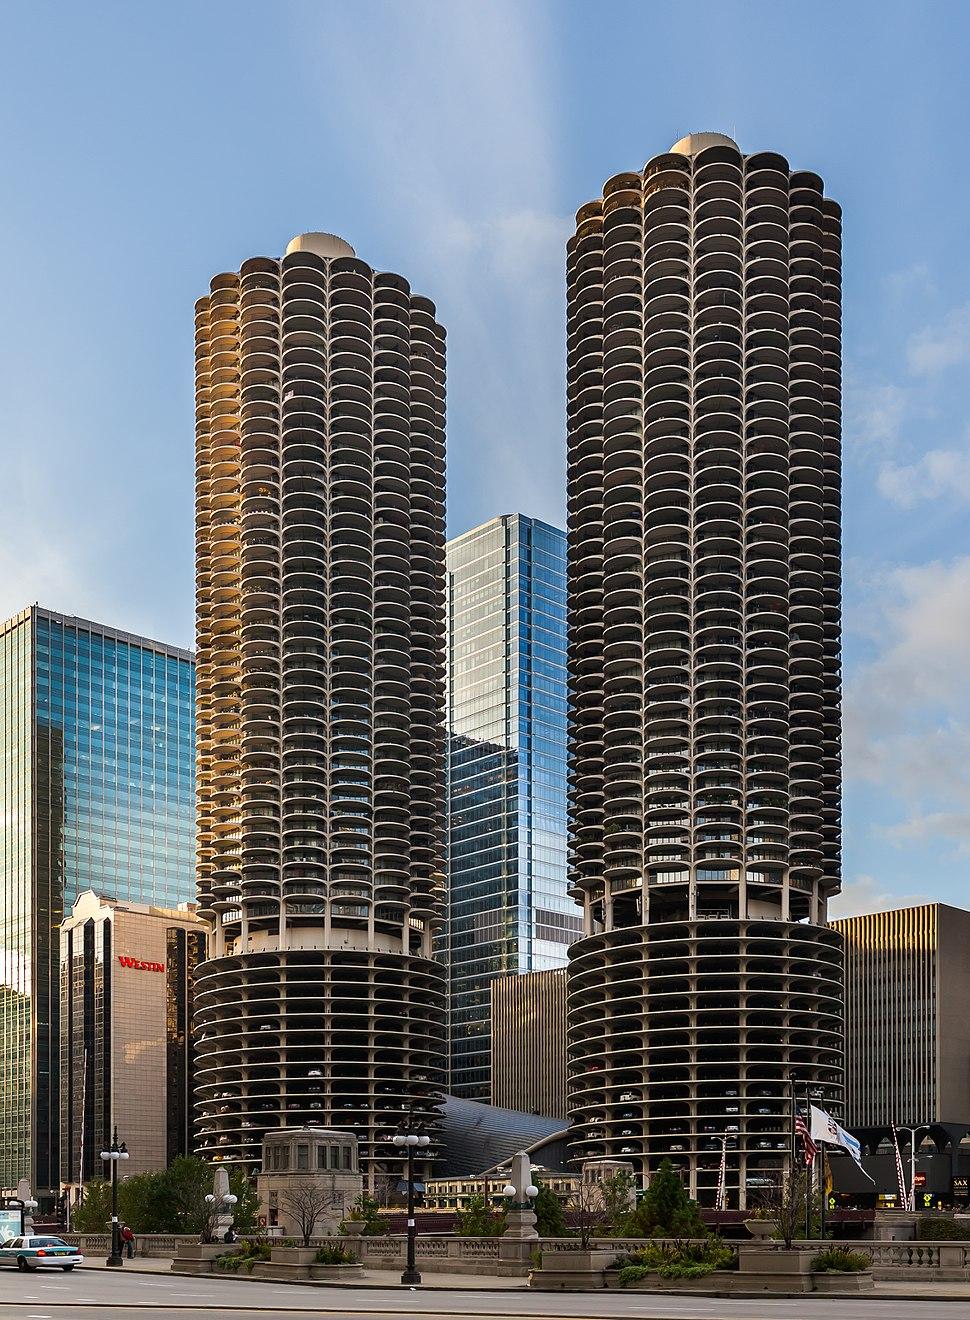 Marina City, Chicago, Illinois, Estados Unidos, 2012-10-20, DD 01